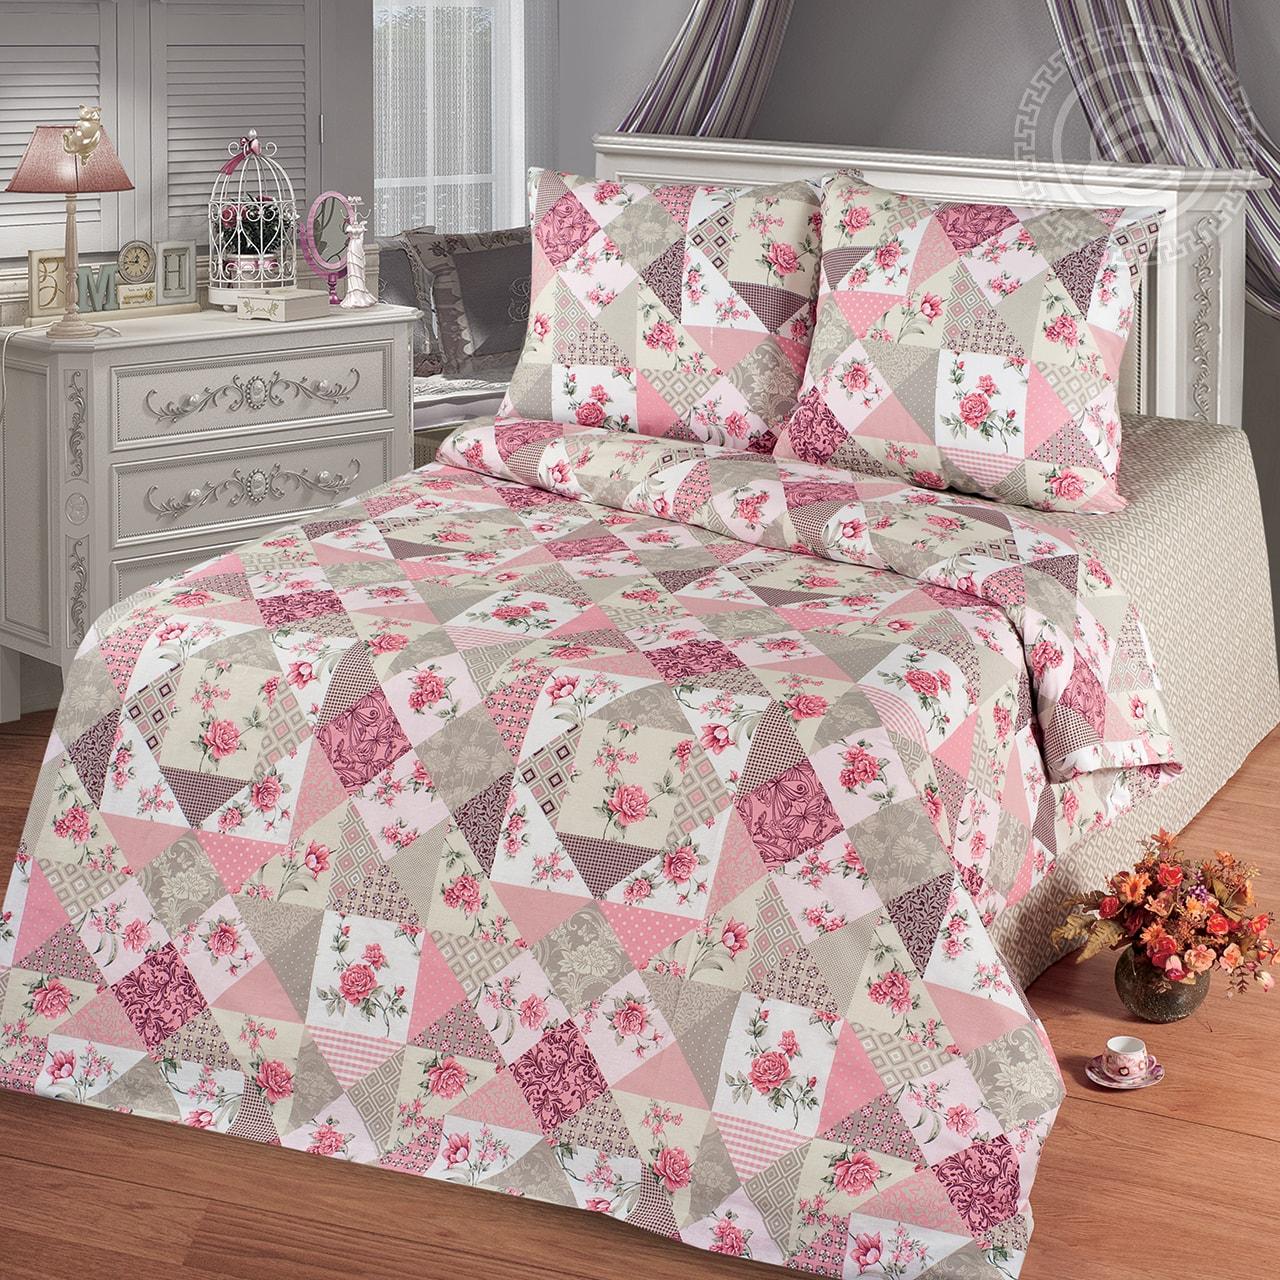 Фото - Постельное белье Лоскутная мозаика розовый (бязь) (1,5 спальный) постельное белье этель кружева комплект 2 спальный поплин 2670978